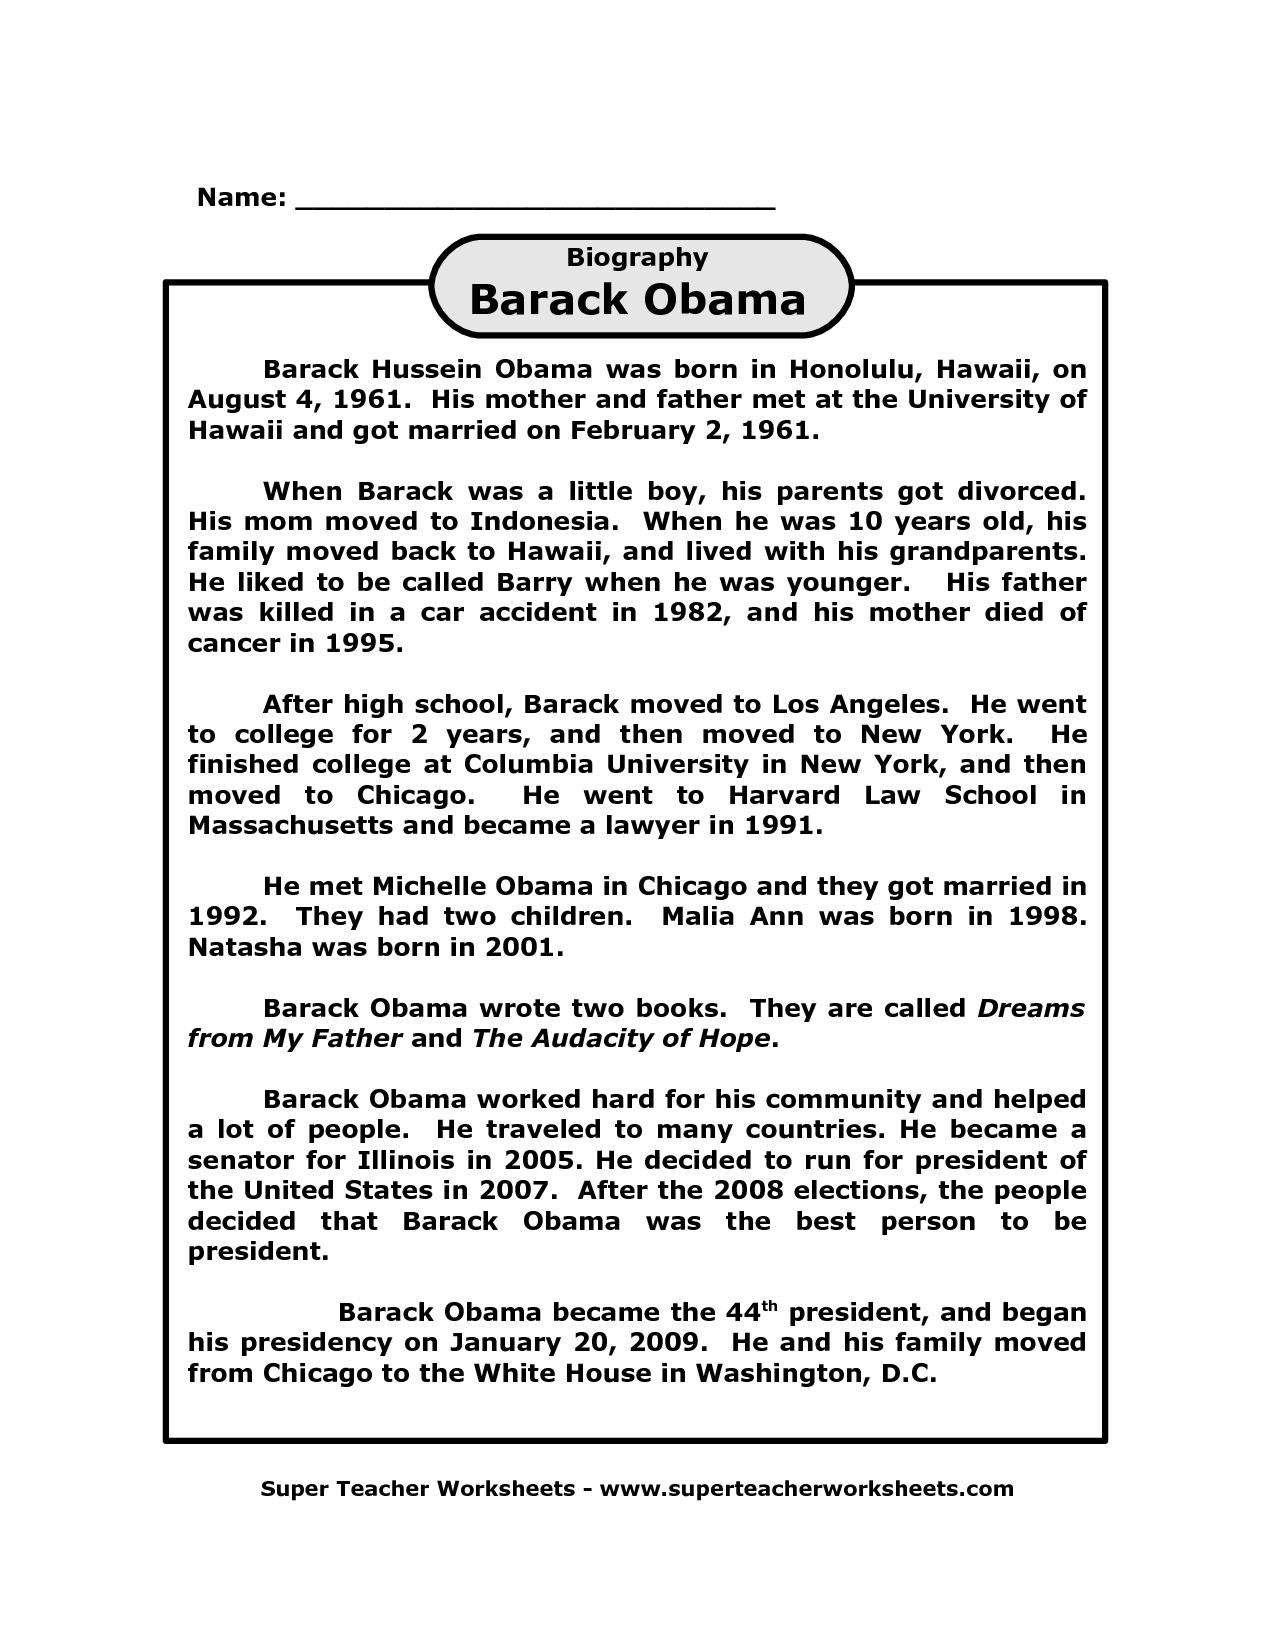 Barack Obama Biography Printable On Super Teacher Worksheets